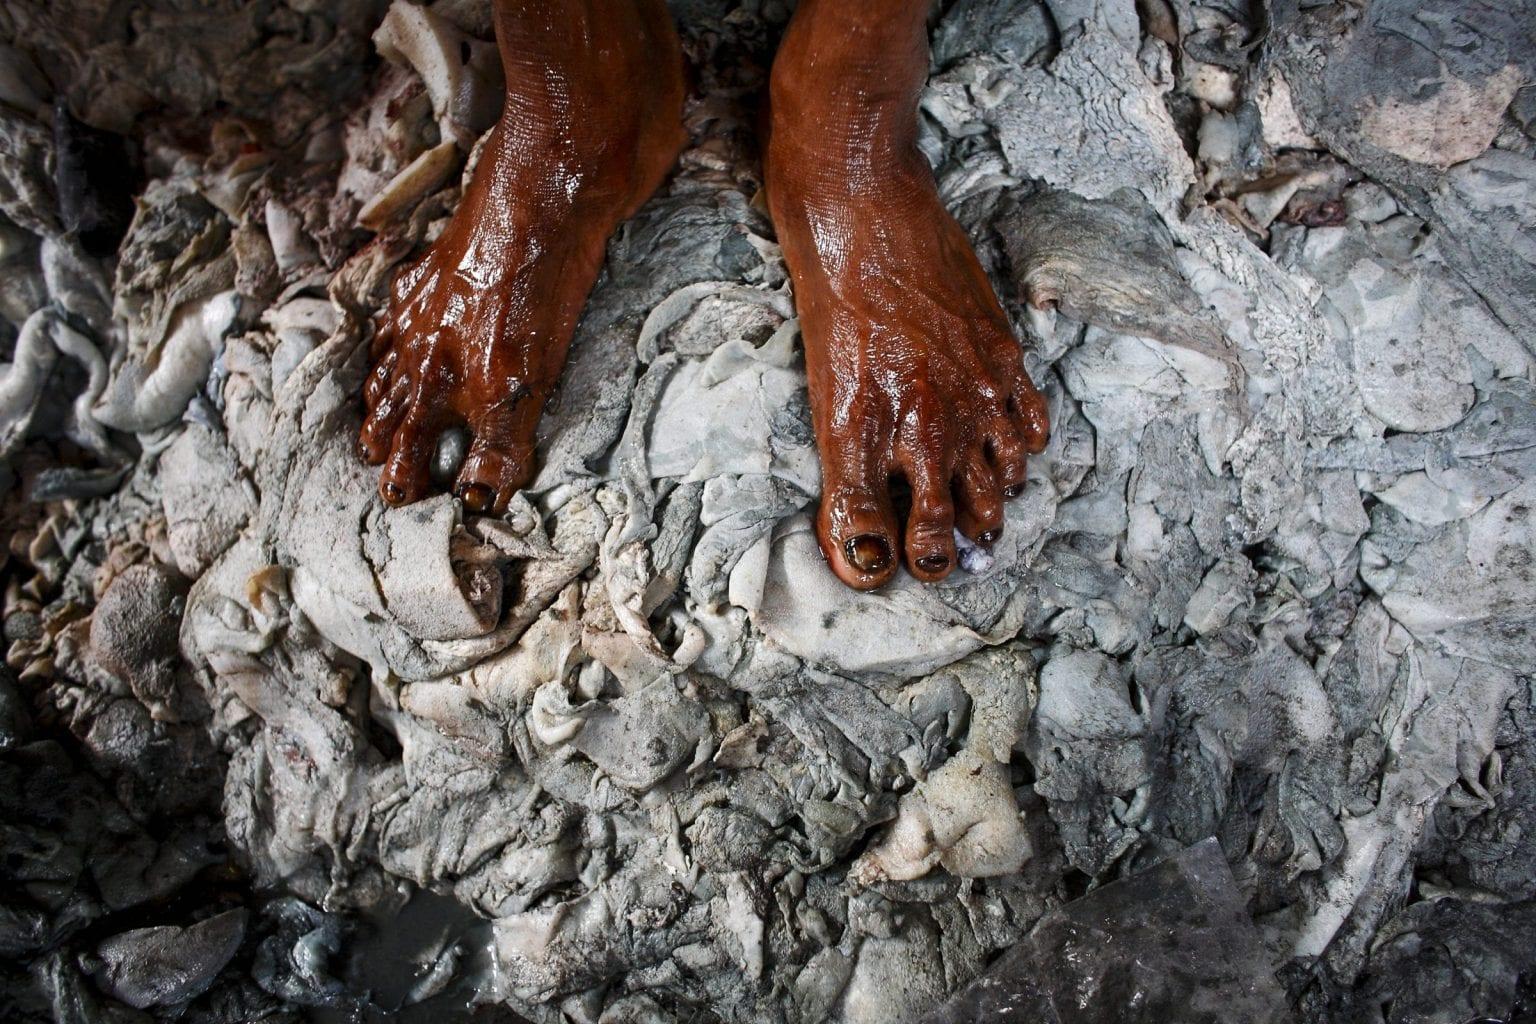 Arbejdet med farlige kemikalier udføres ofte uden sikkerhedsudstyr. Foto: GMB Akash